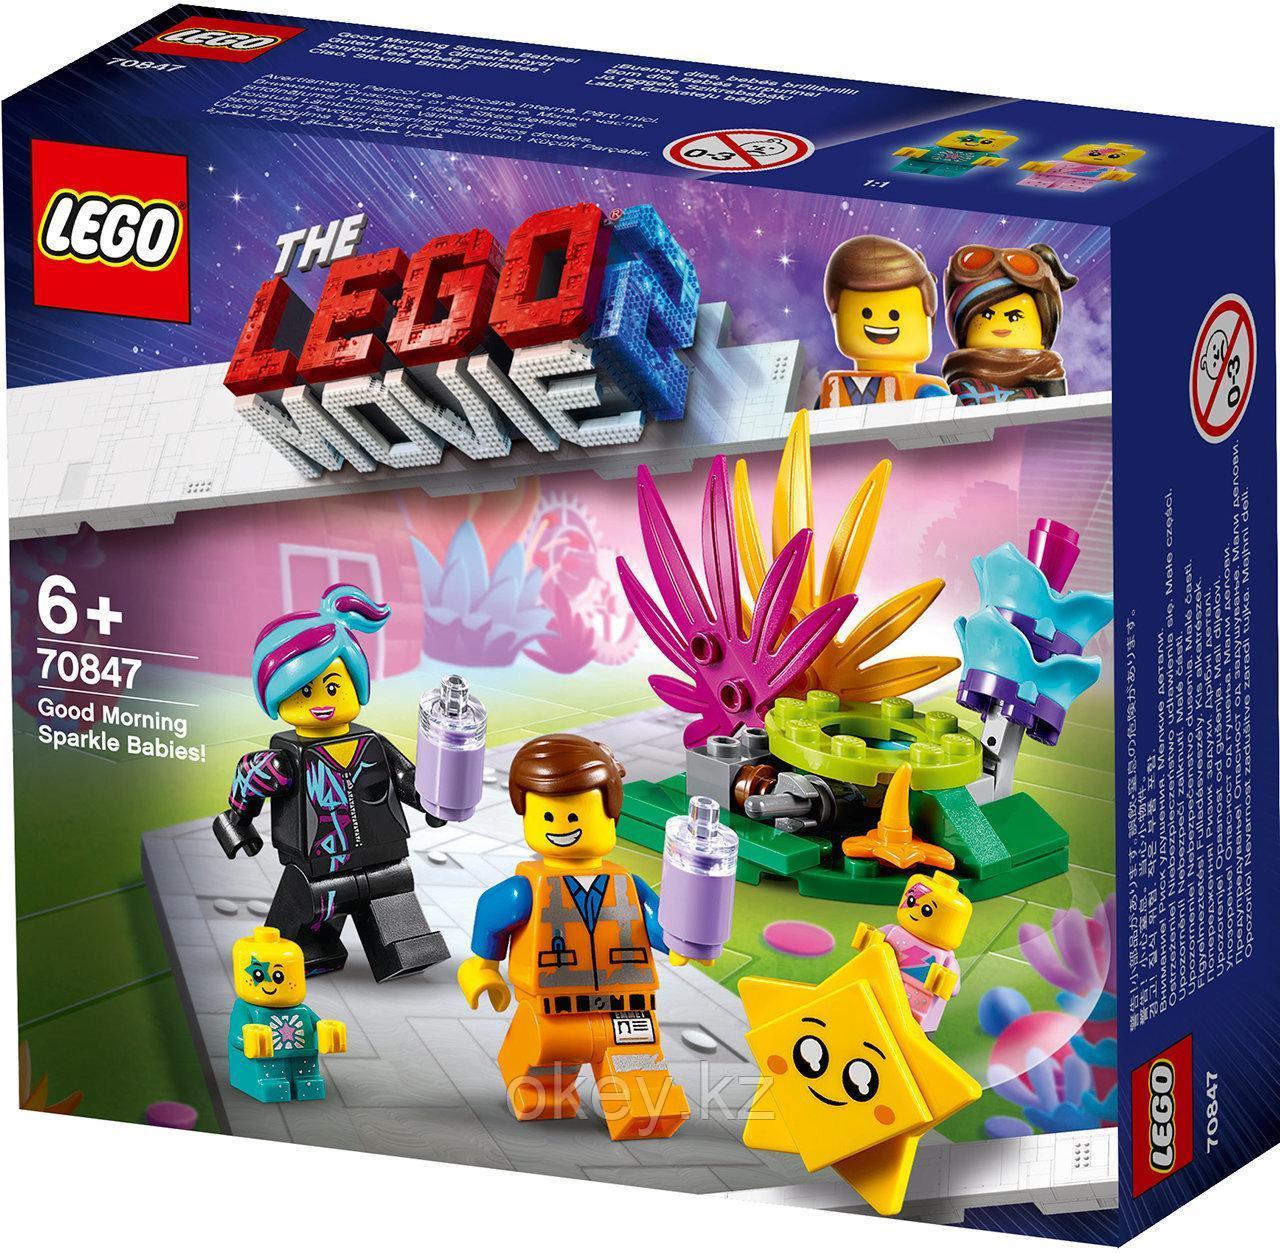 LEGO Movie 2: Доброе утро, звездочки! 70847